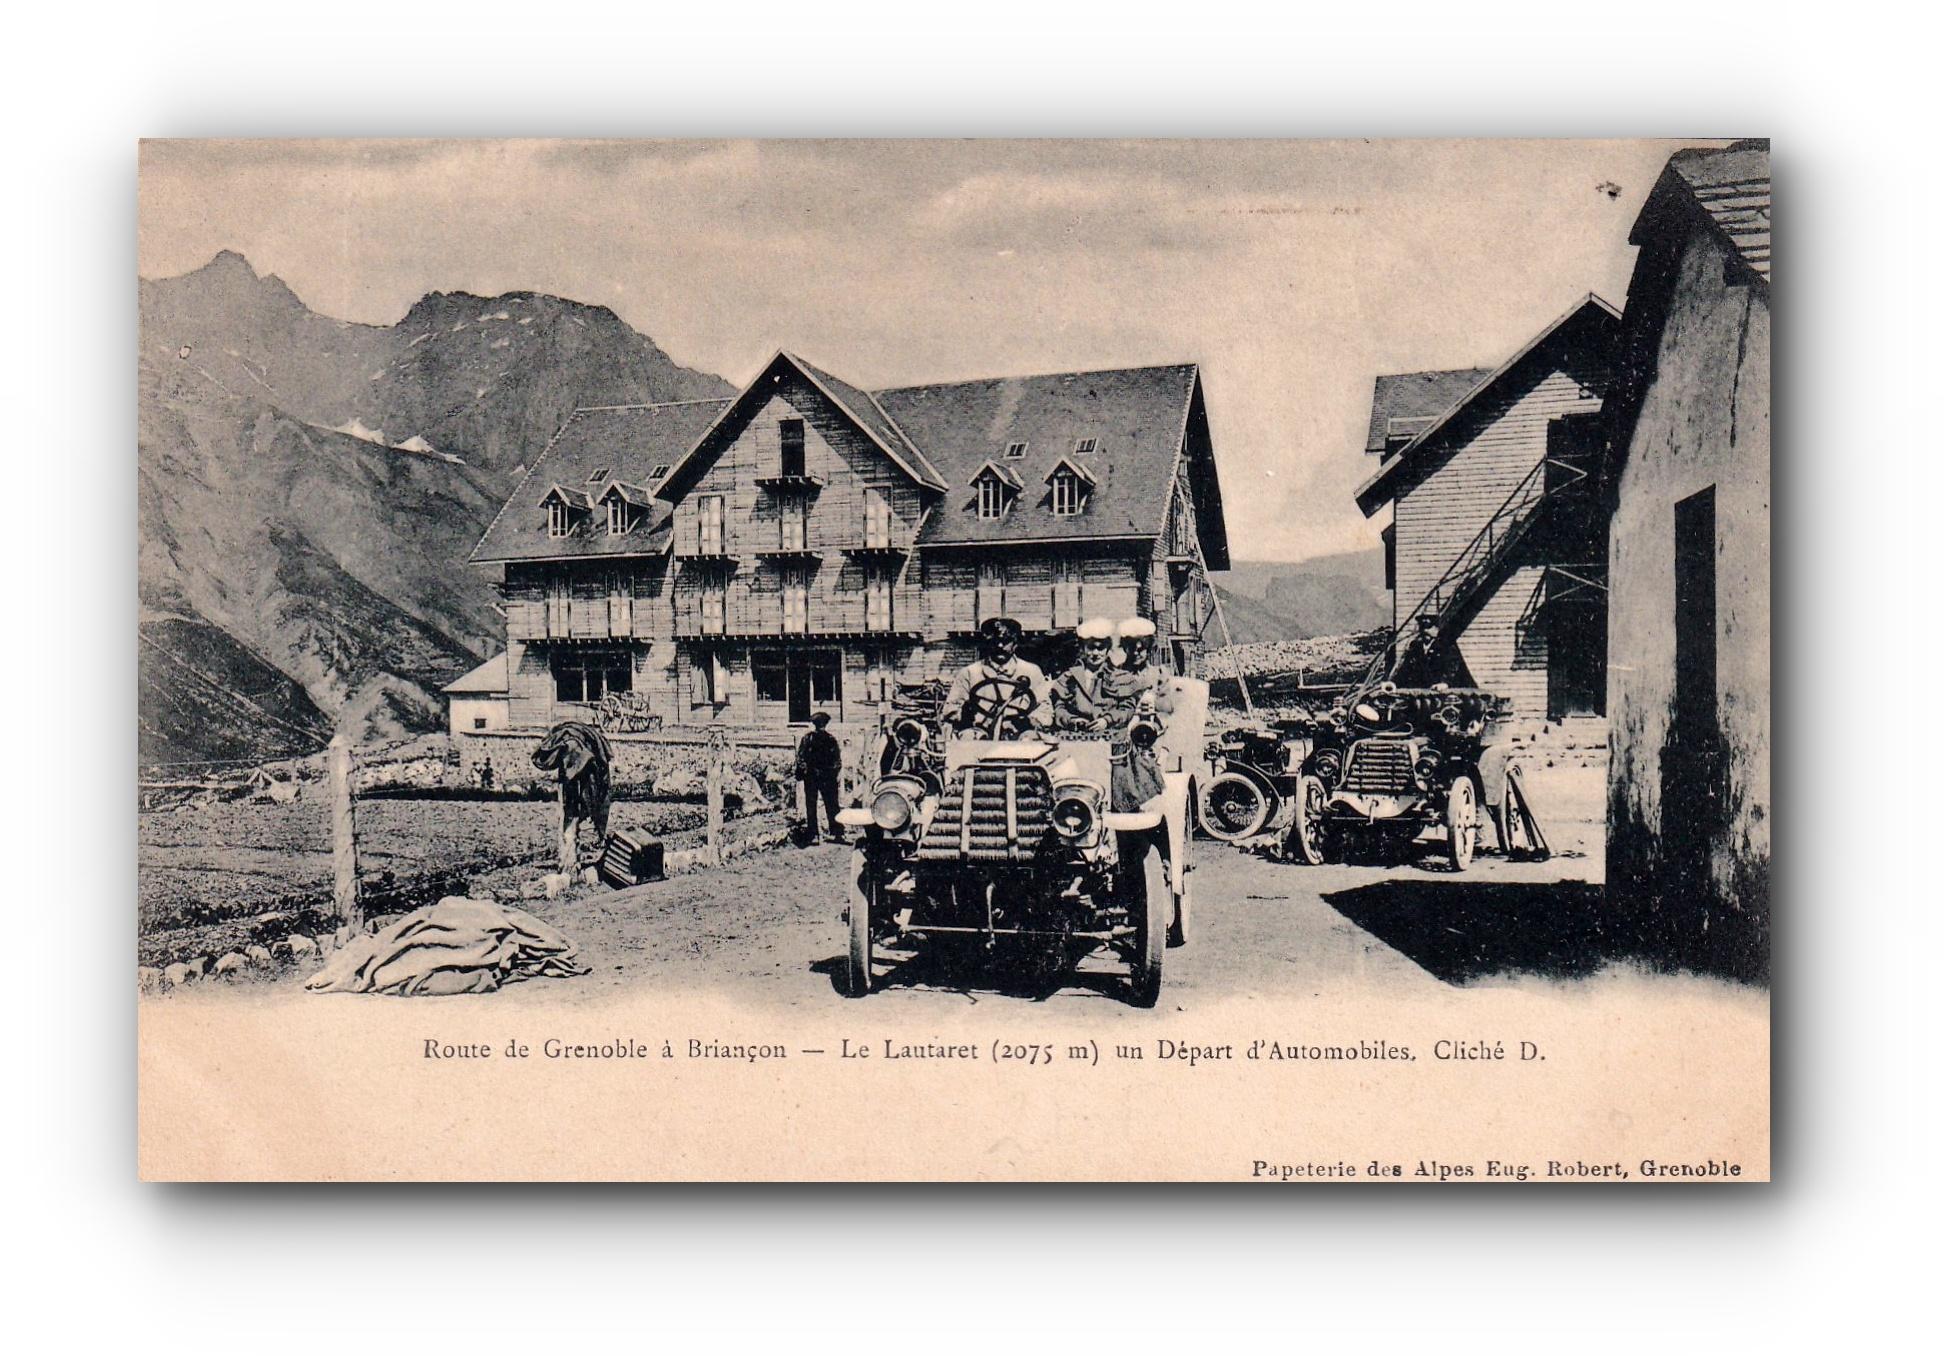 Le Lautaret - 29.08.1904